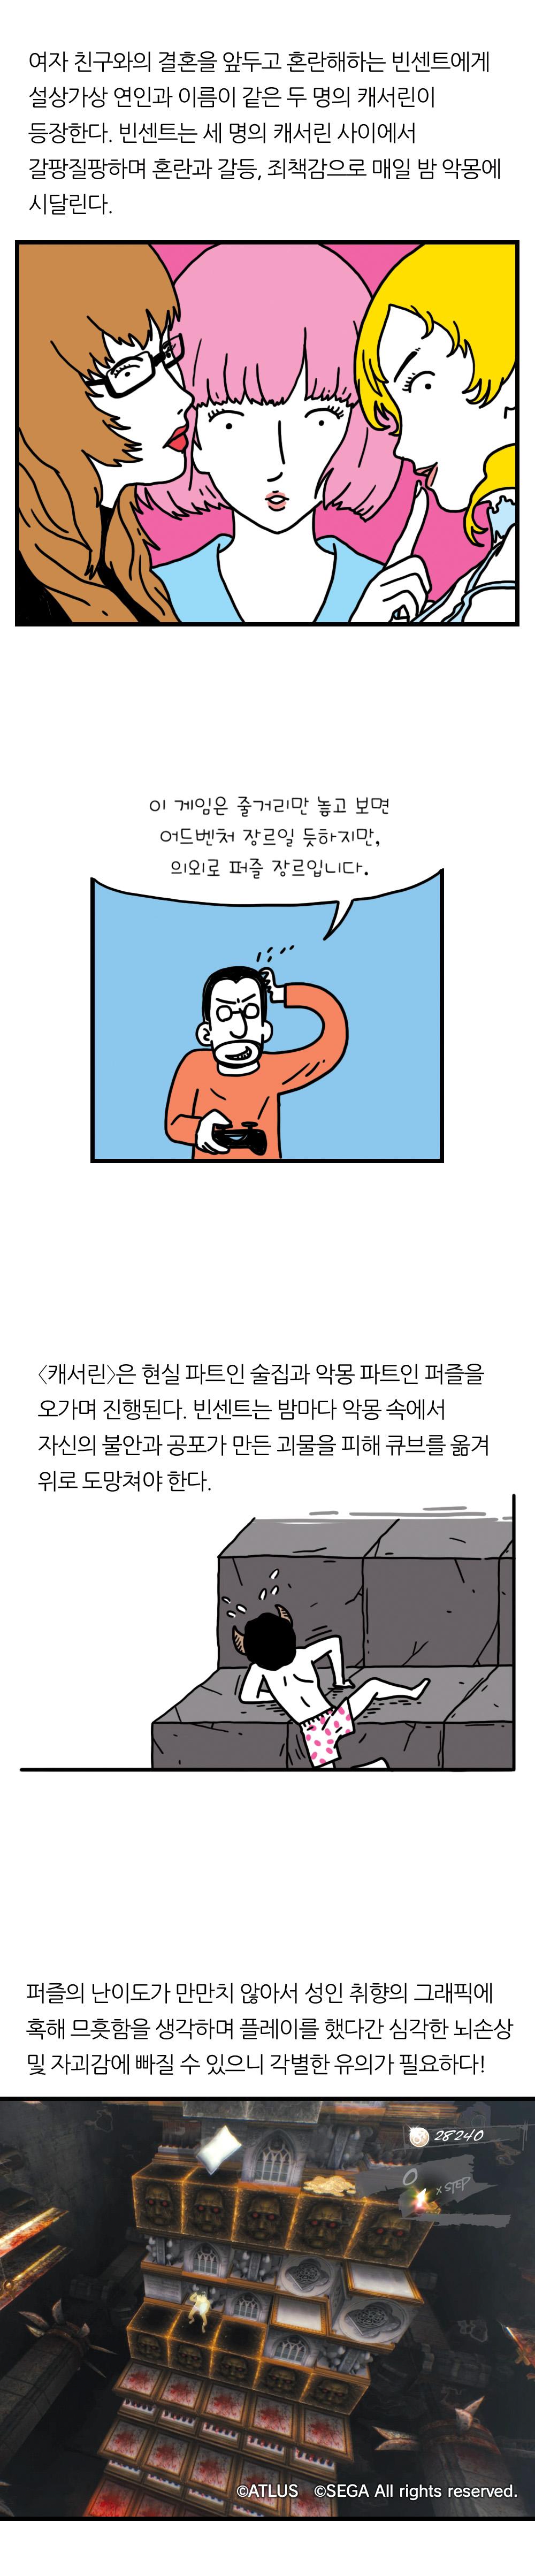 사이언티픽 게이머즈 시즌5 #3 양과 염소 사이에서: 캐서린 풀 보디